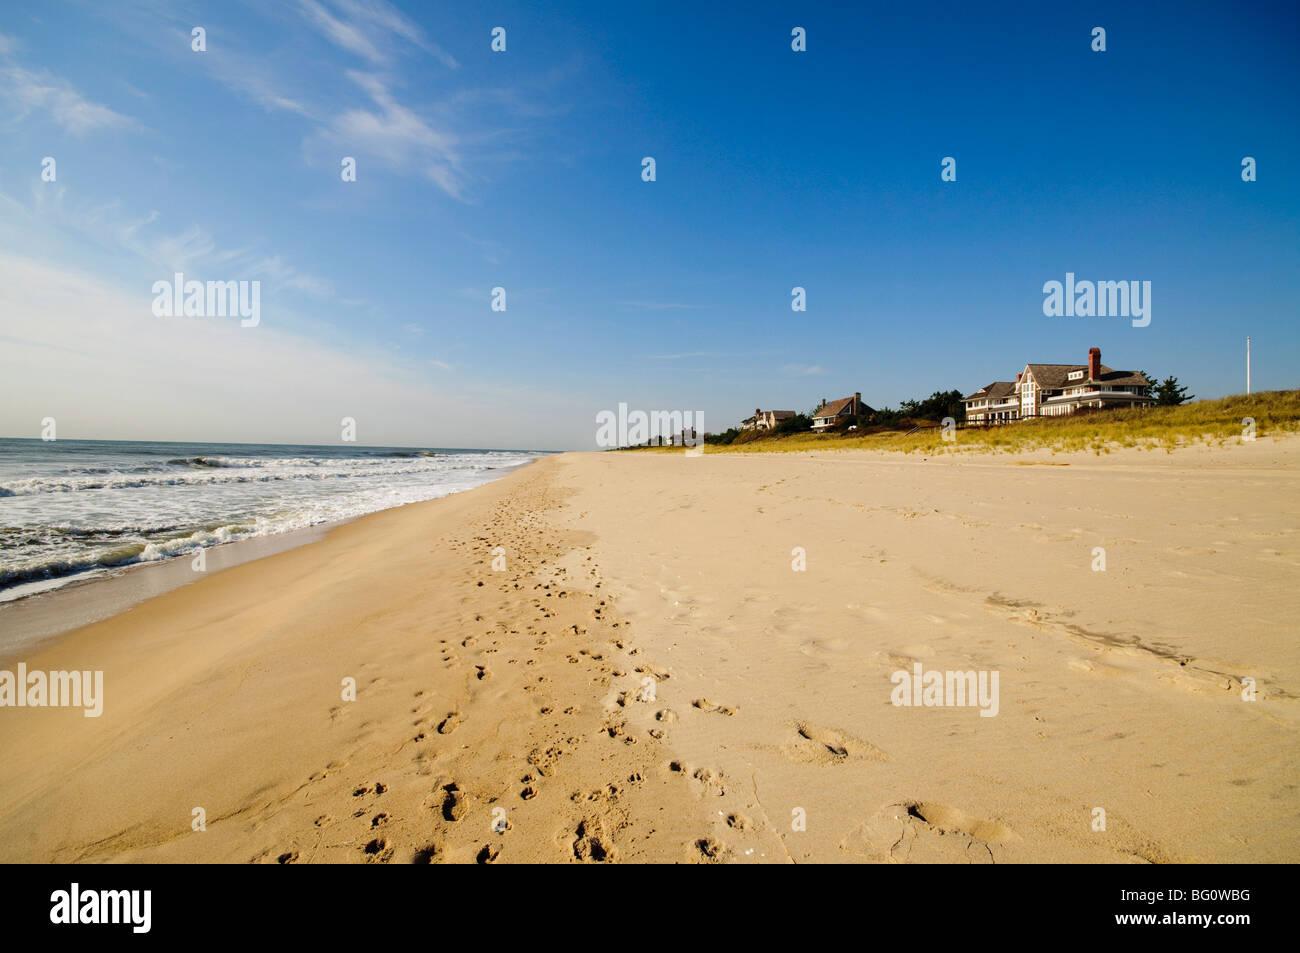 Main Beach, East Hampton, the Hamptons, Long Island, État de New York, États-Unis d'Amérique, Photo Stock